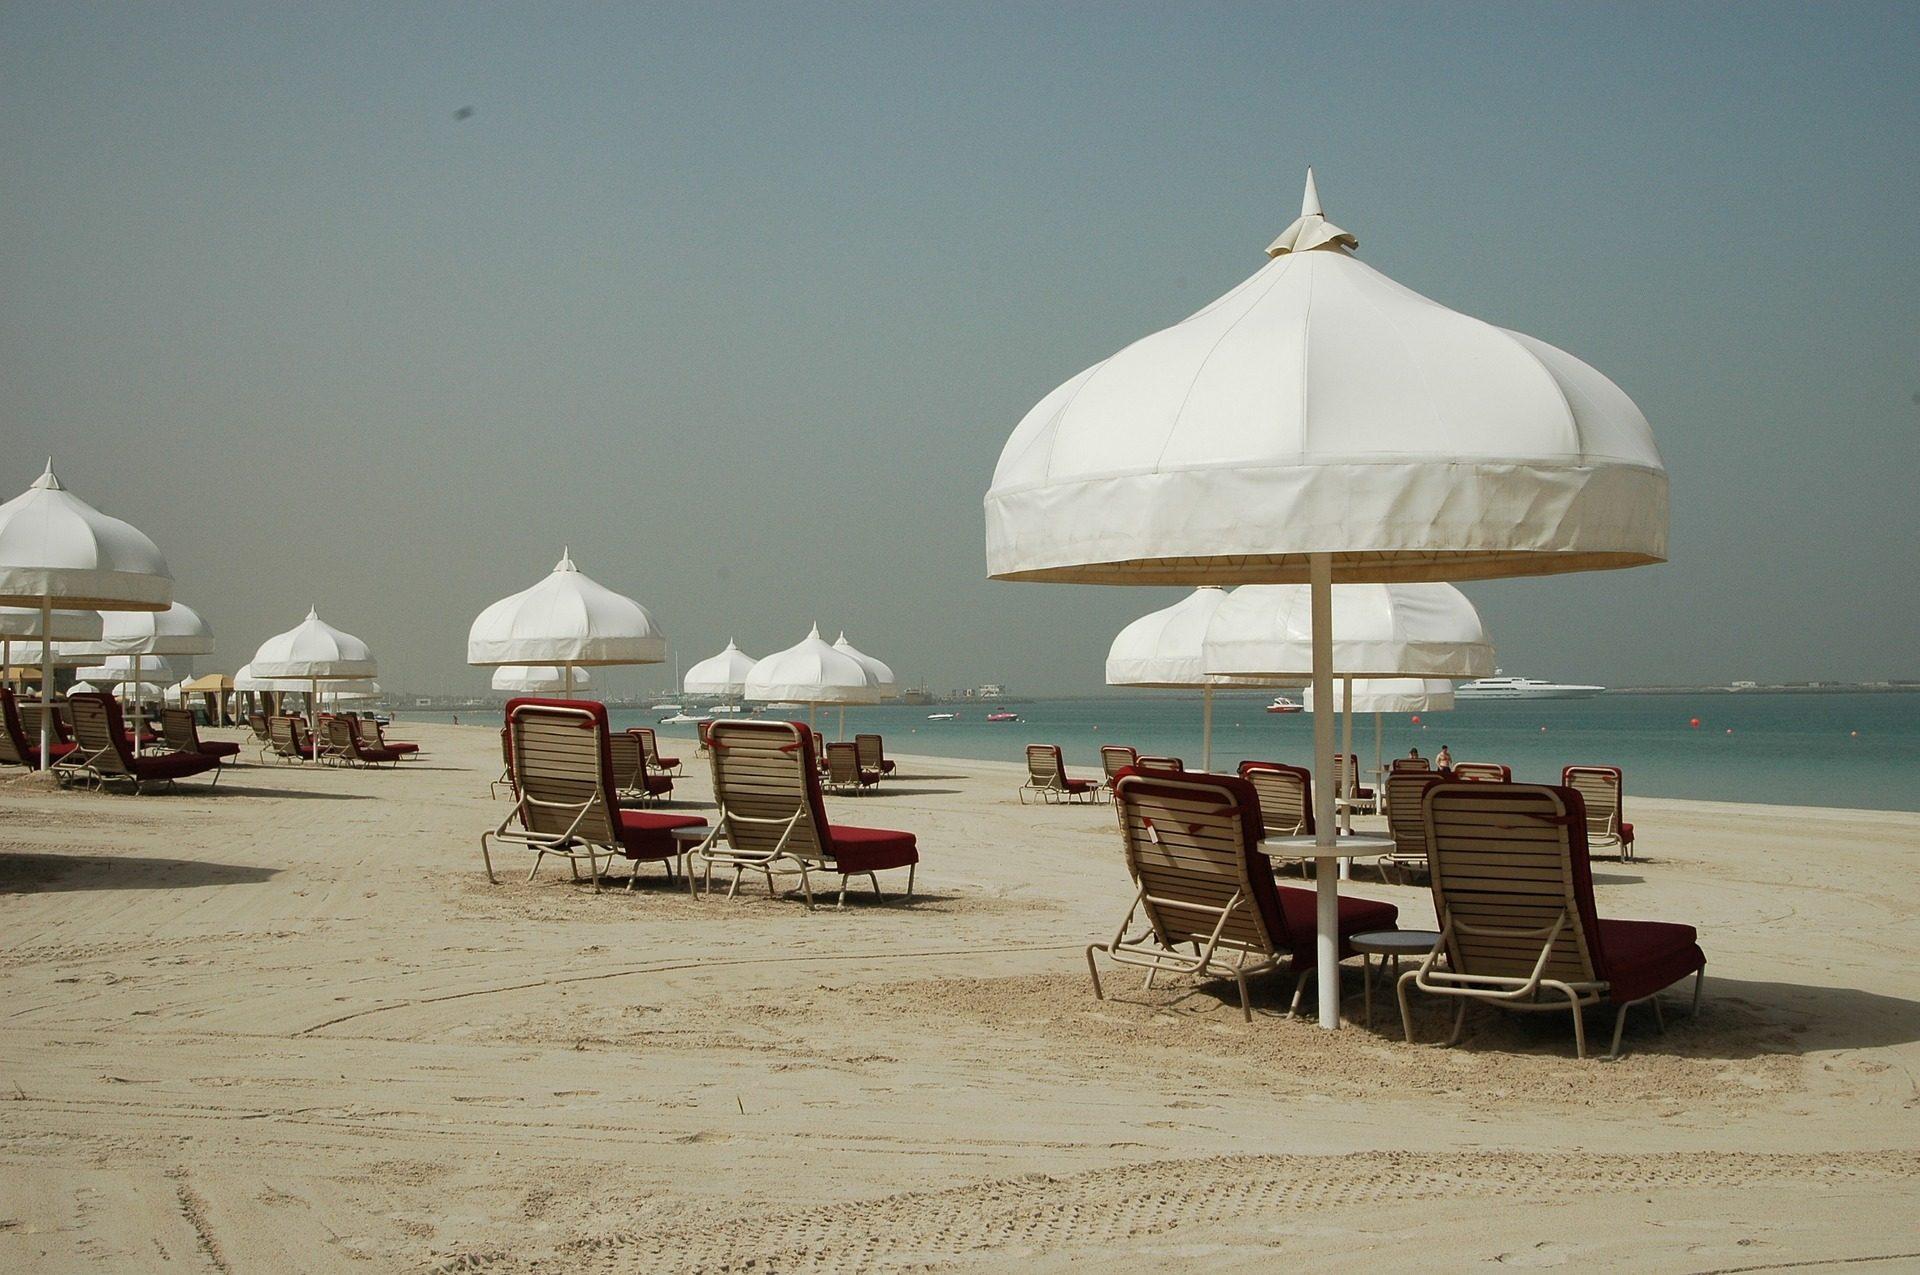 Fondo de pantalla de playa hamacas sombrillas parasoles - Hamacas de playa ...